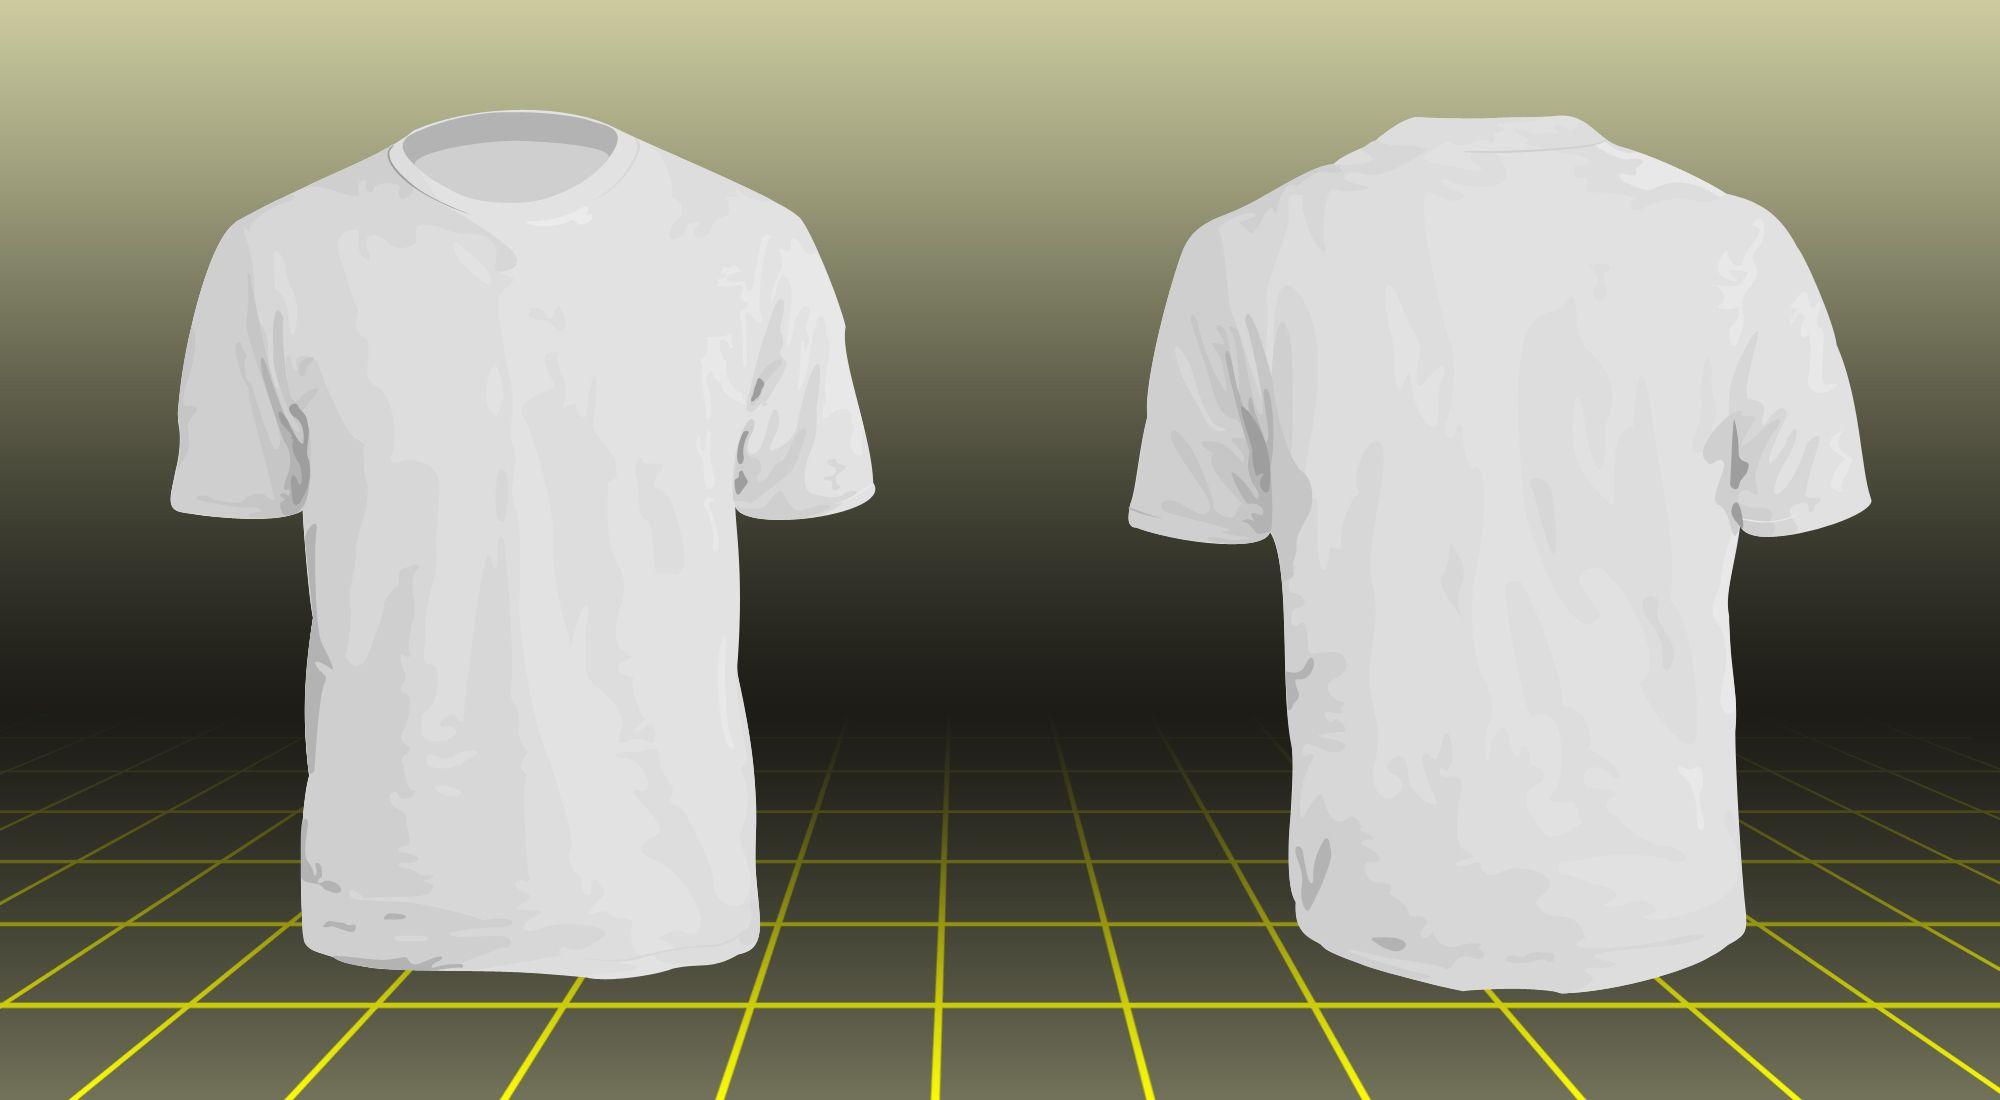 2eb26b8a7 Tshirt model by NX57.deviantart.com | T-shirt Design | Clothing ...